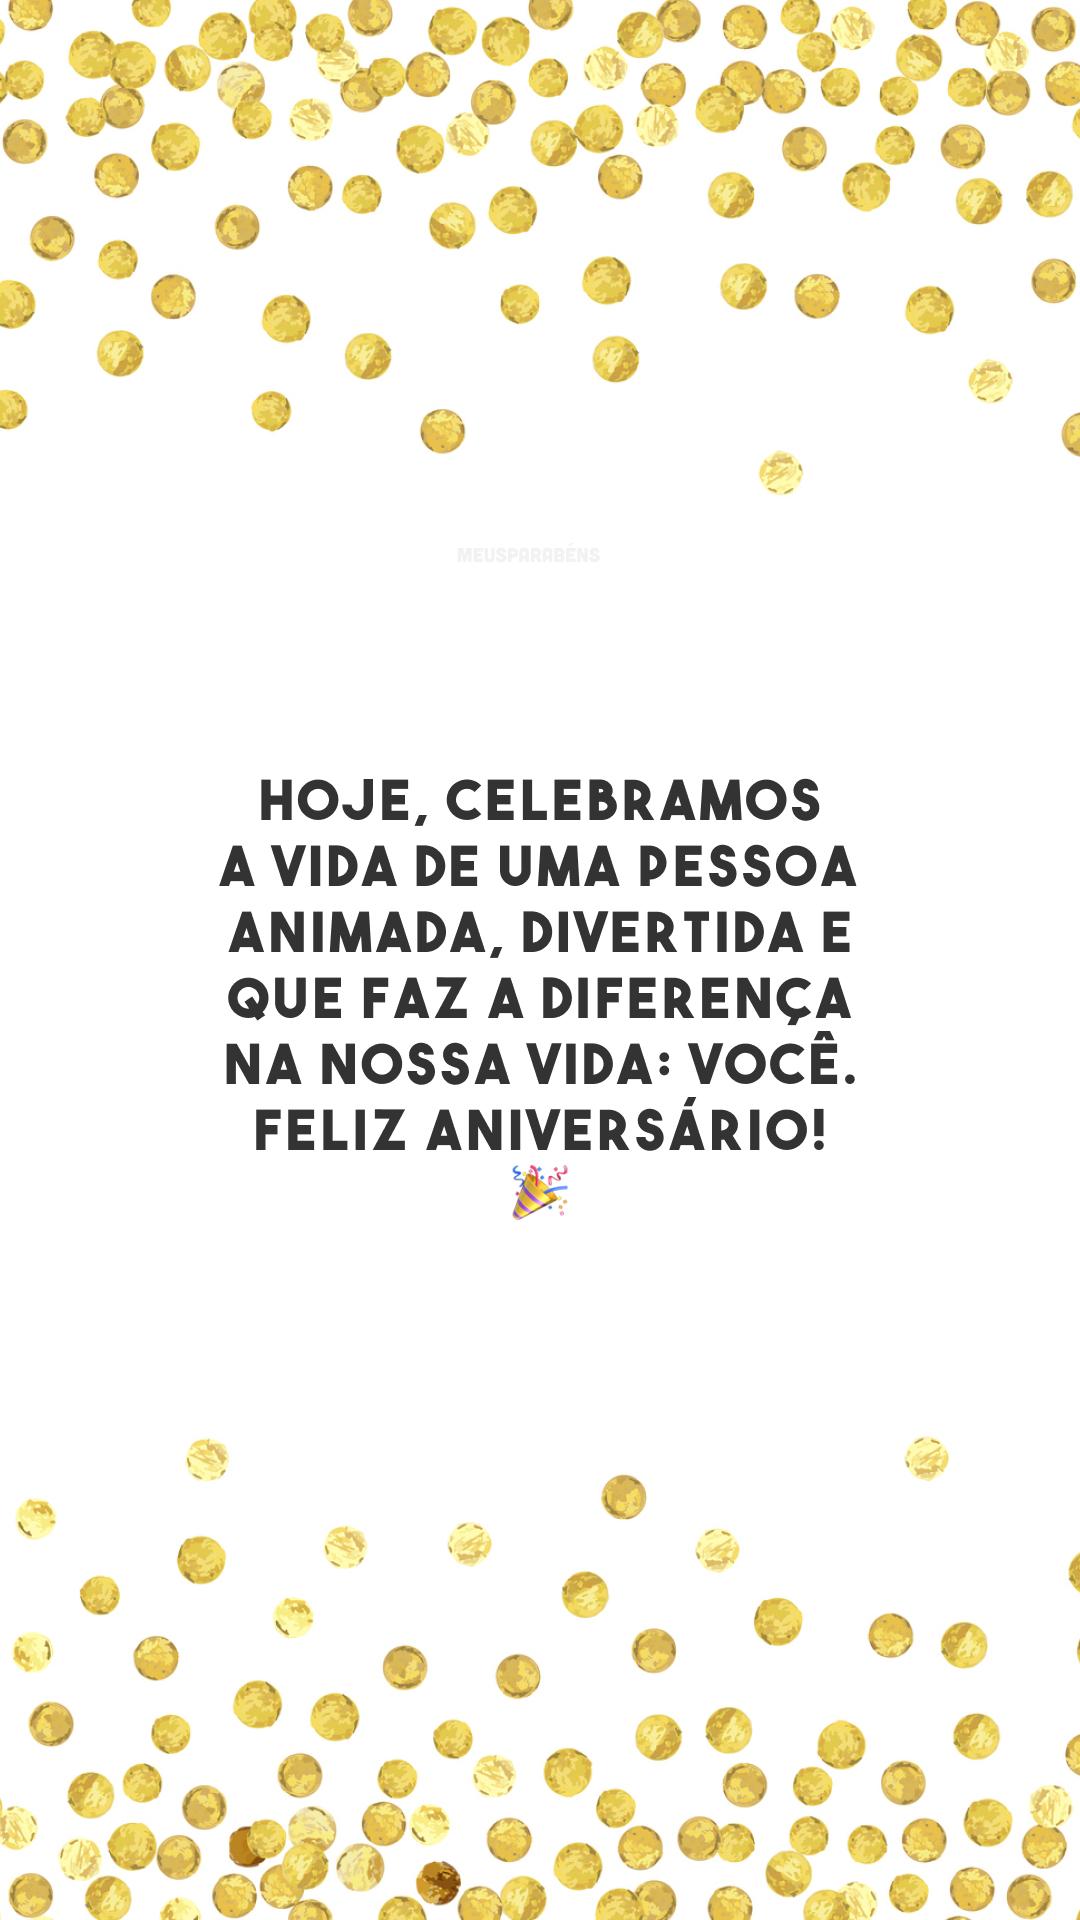 Hoje, celebramos a vida de uma pessoa animada, divertida e que faz a diferença na nossa vida: você. Feliz aniversário! 🎉